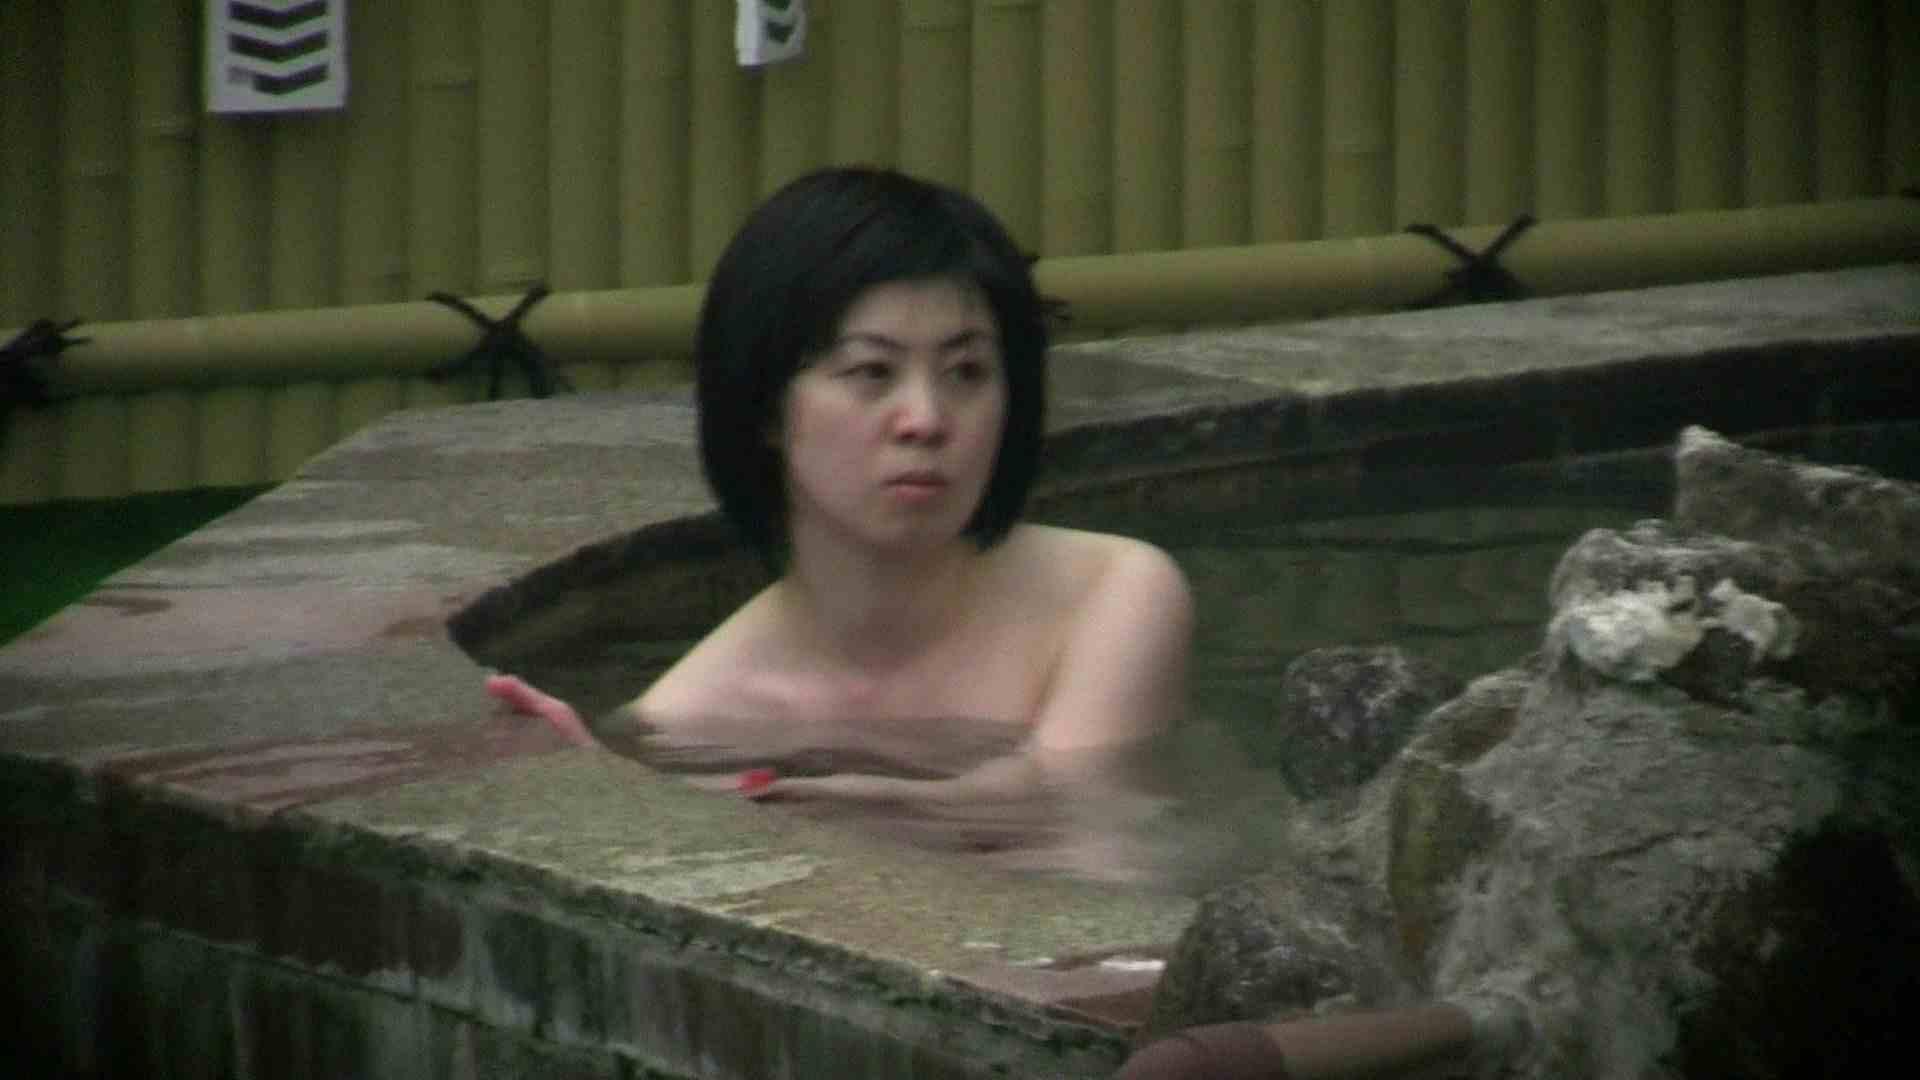 Aquaな露天風呂Vol.685 0  60pic 20